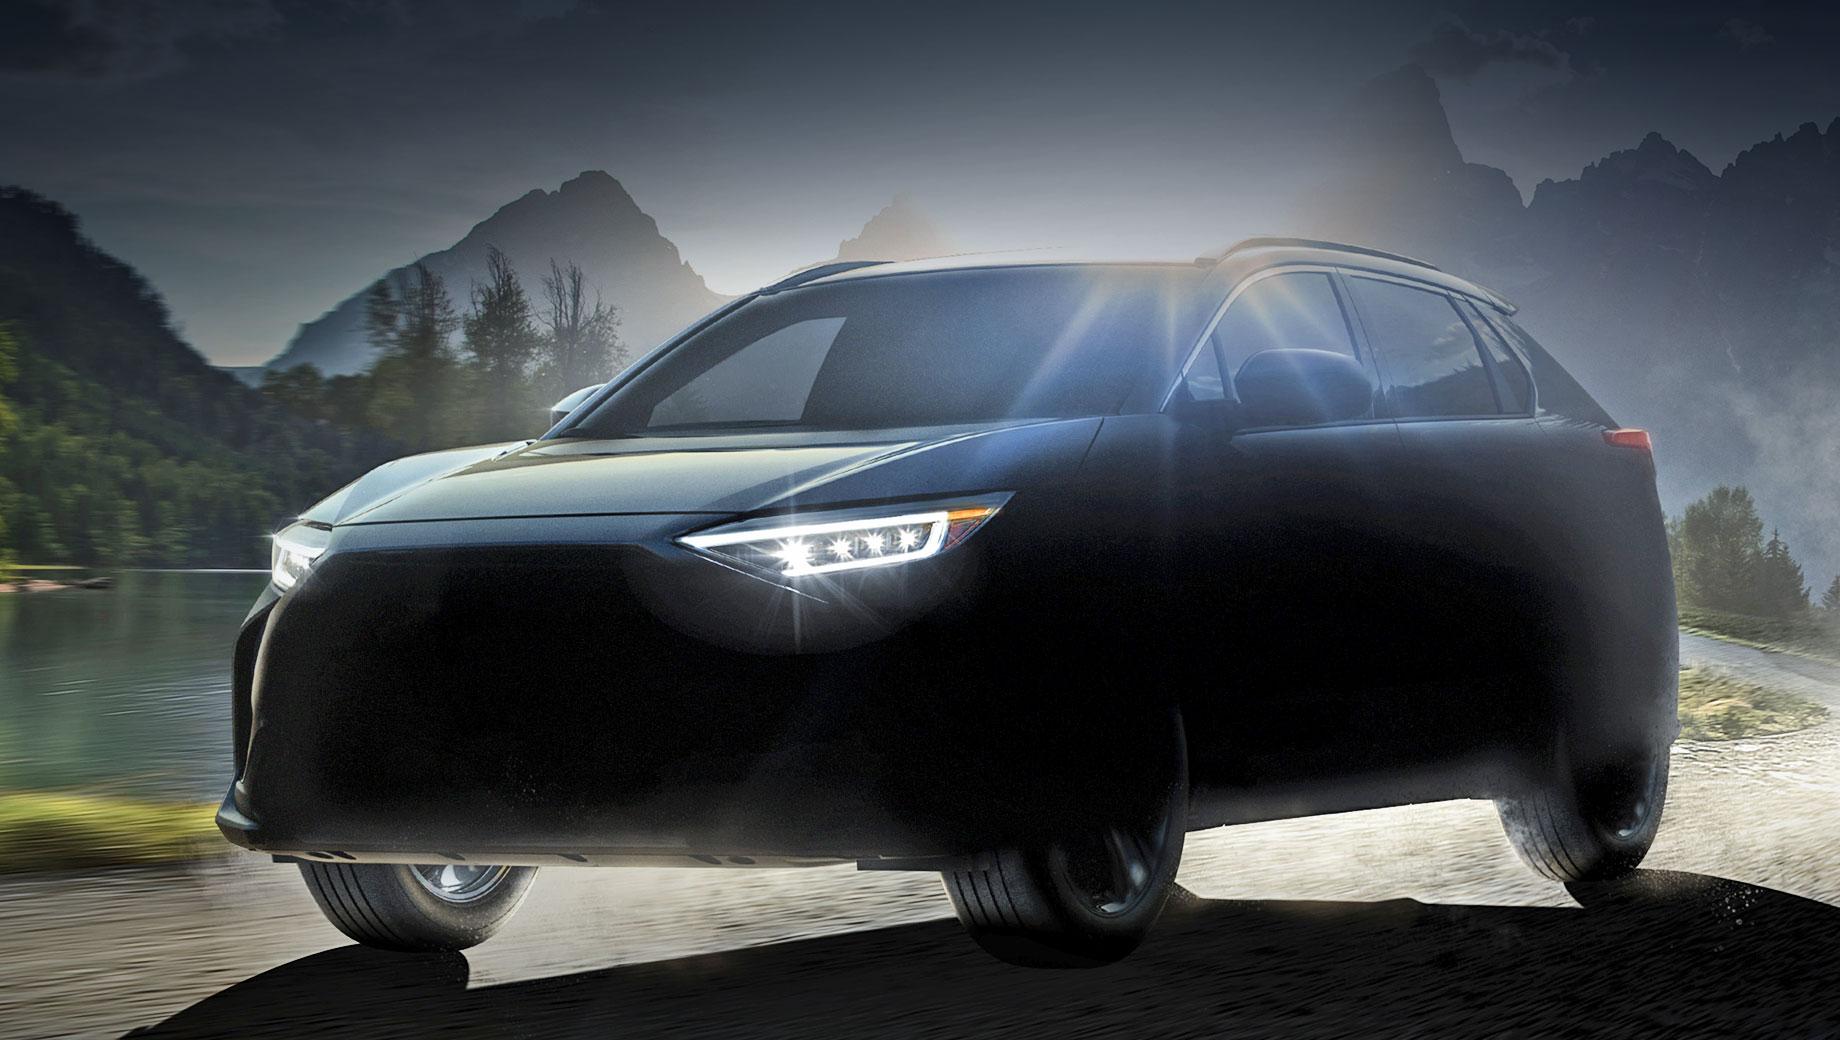 Subaru solterra. «В этой разработке Subaru и Toyota объединяют свои сильные стороны, такие как полный привод Subaru и технологии электрификации Тойоты, чтобы создать новый кроссовер с характеристиками, которые может предложить только электромобиль», —  подчёркивают партнёры.